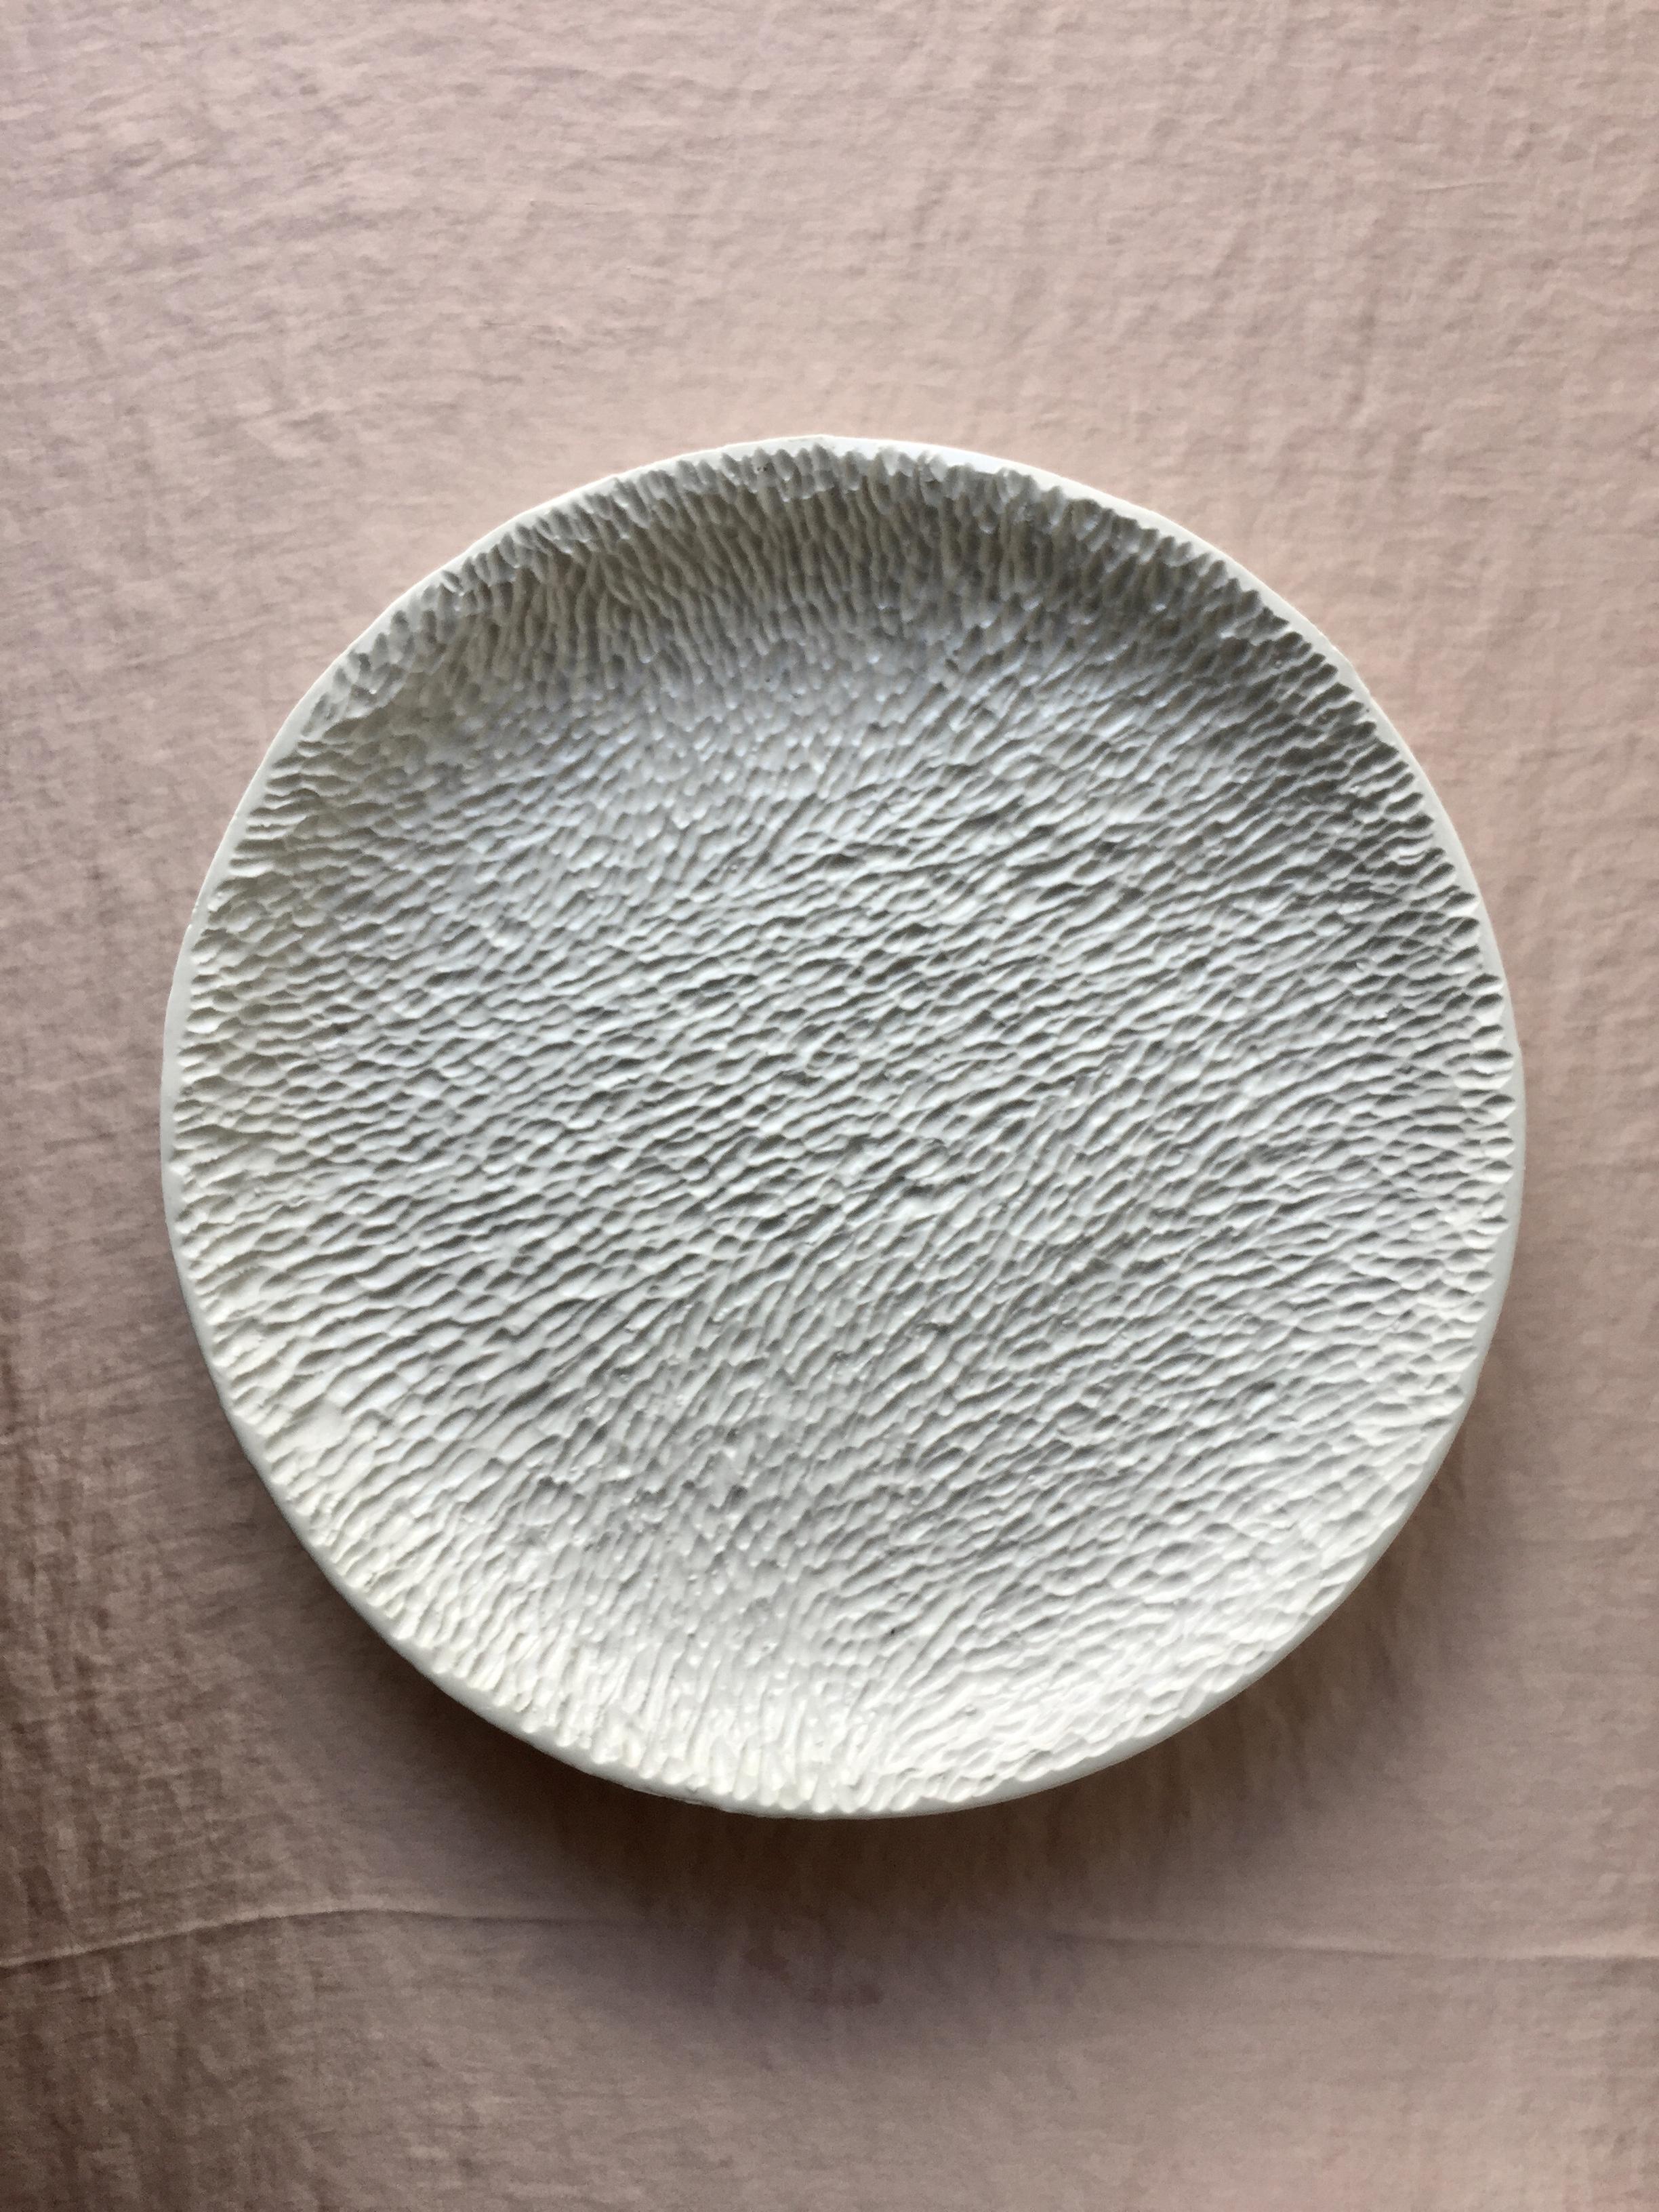 sarah-linda-forrer-tableware-handmade5.jpg